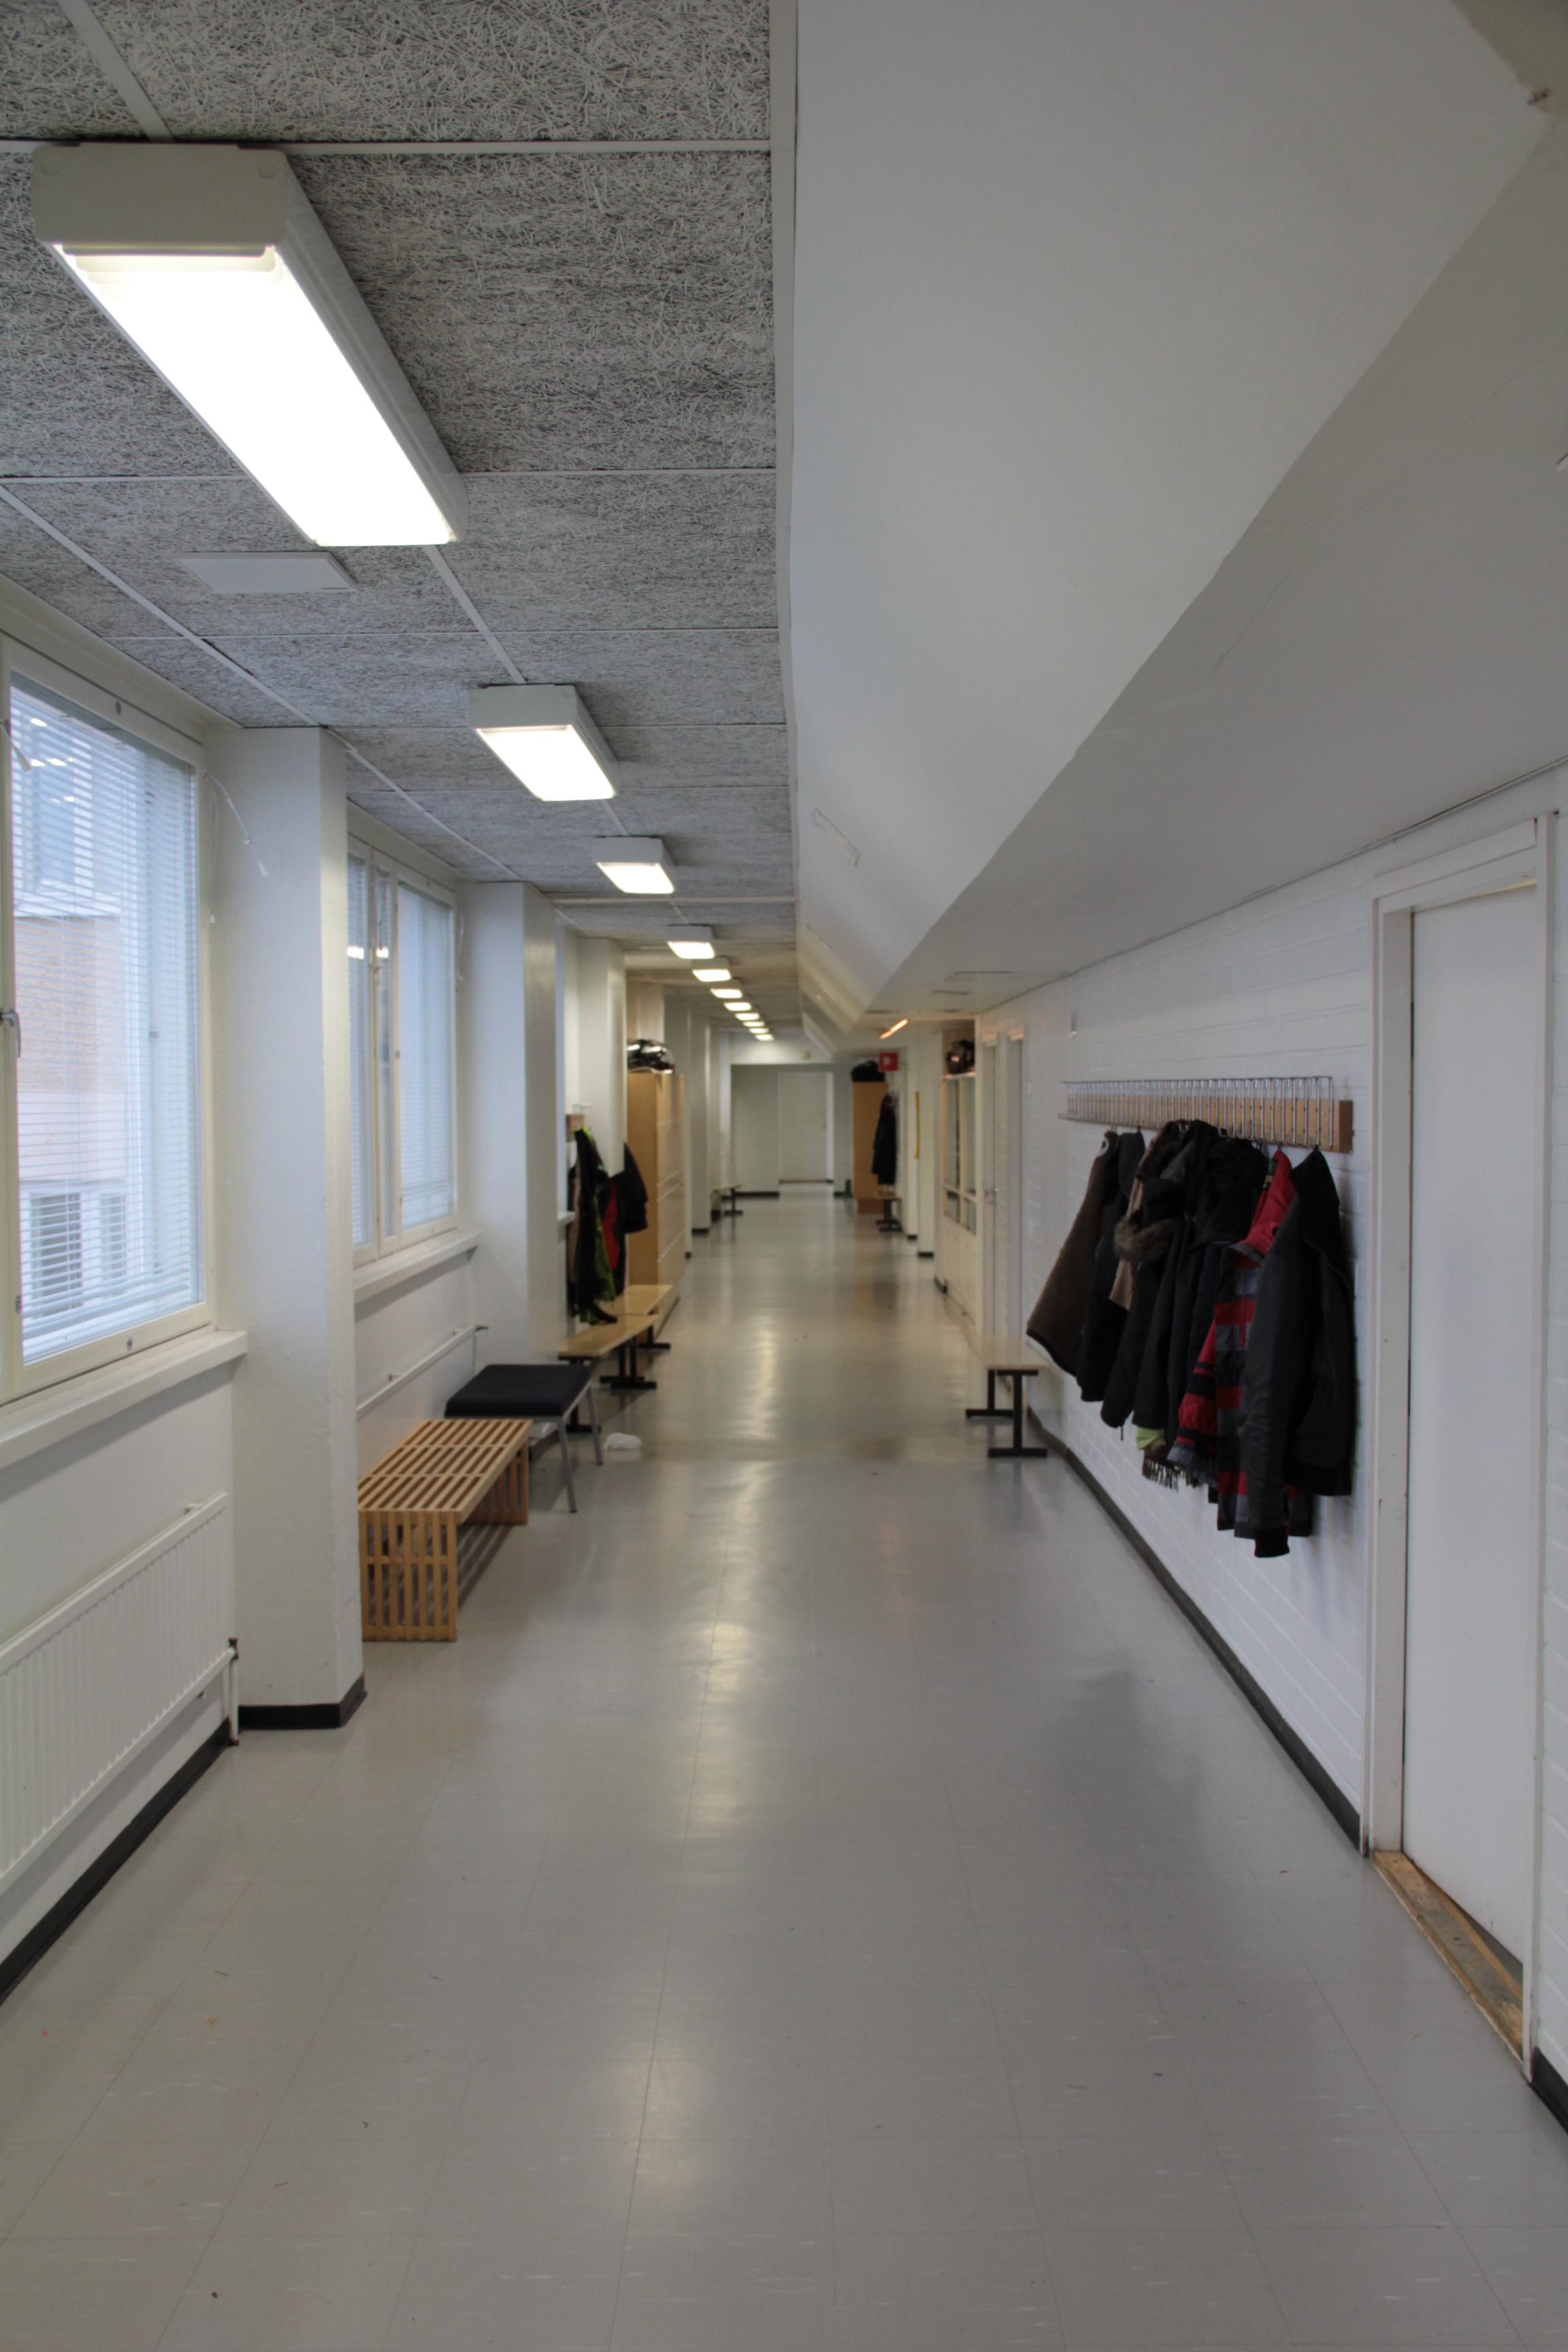 Haukilahden Koulu